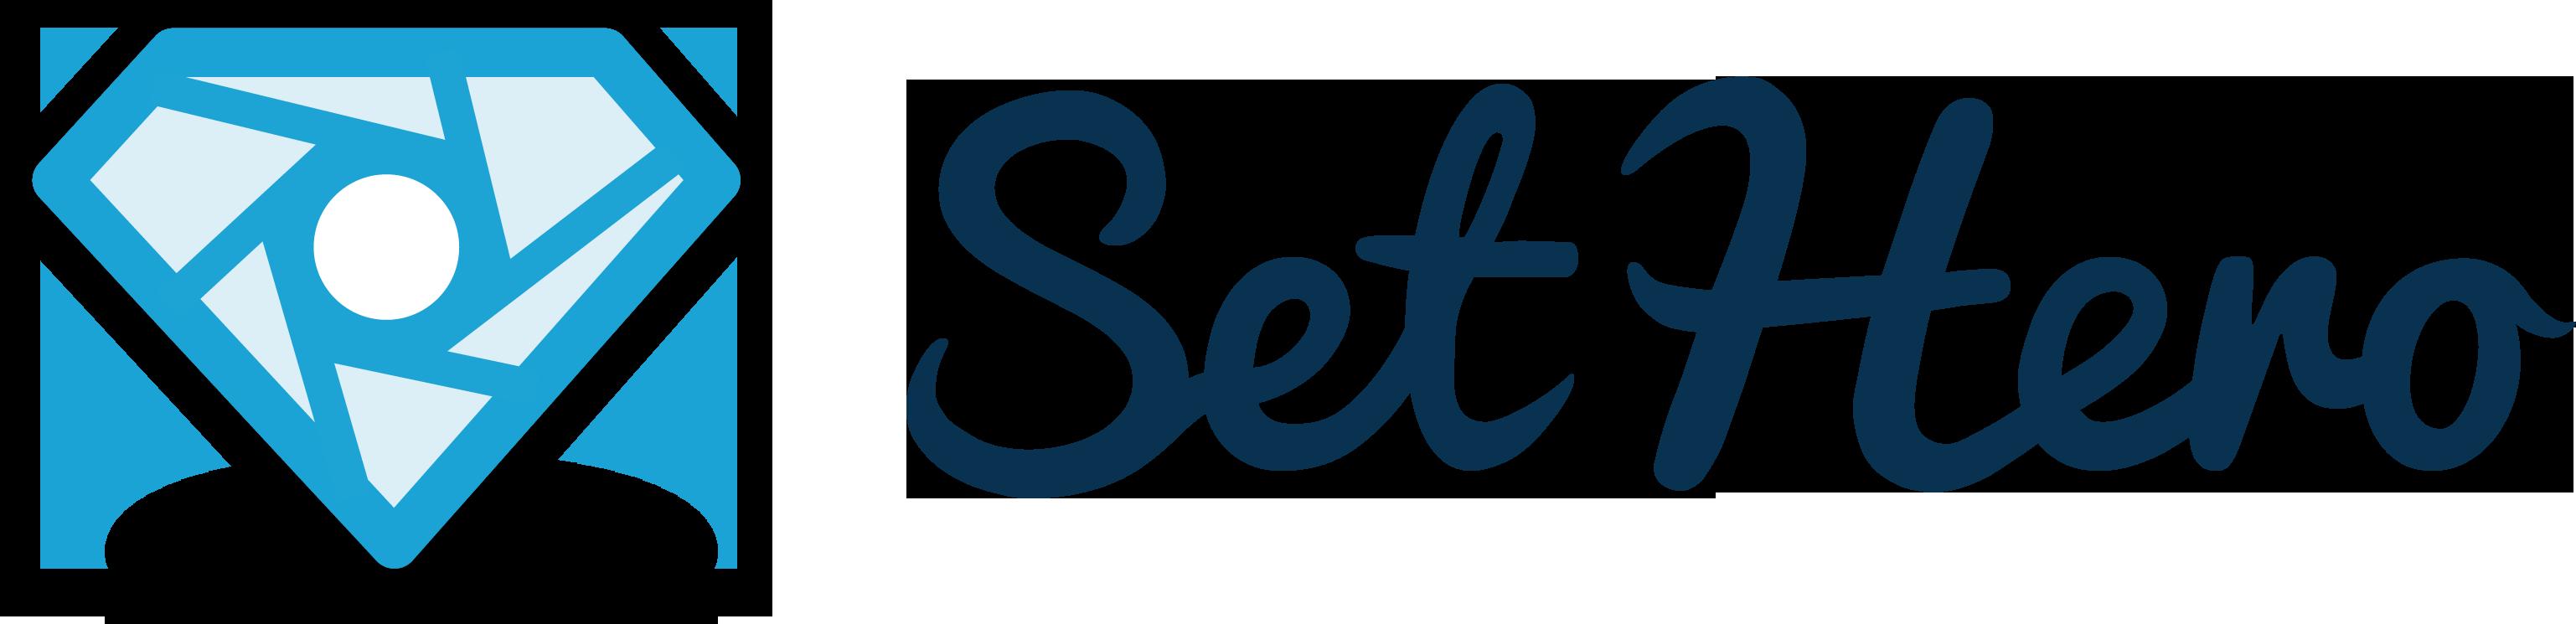 SetHero